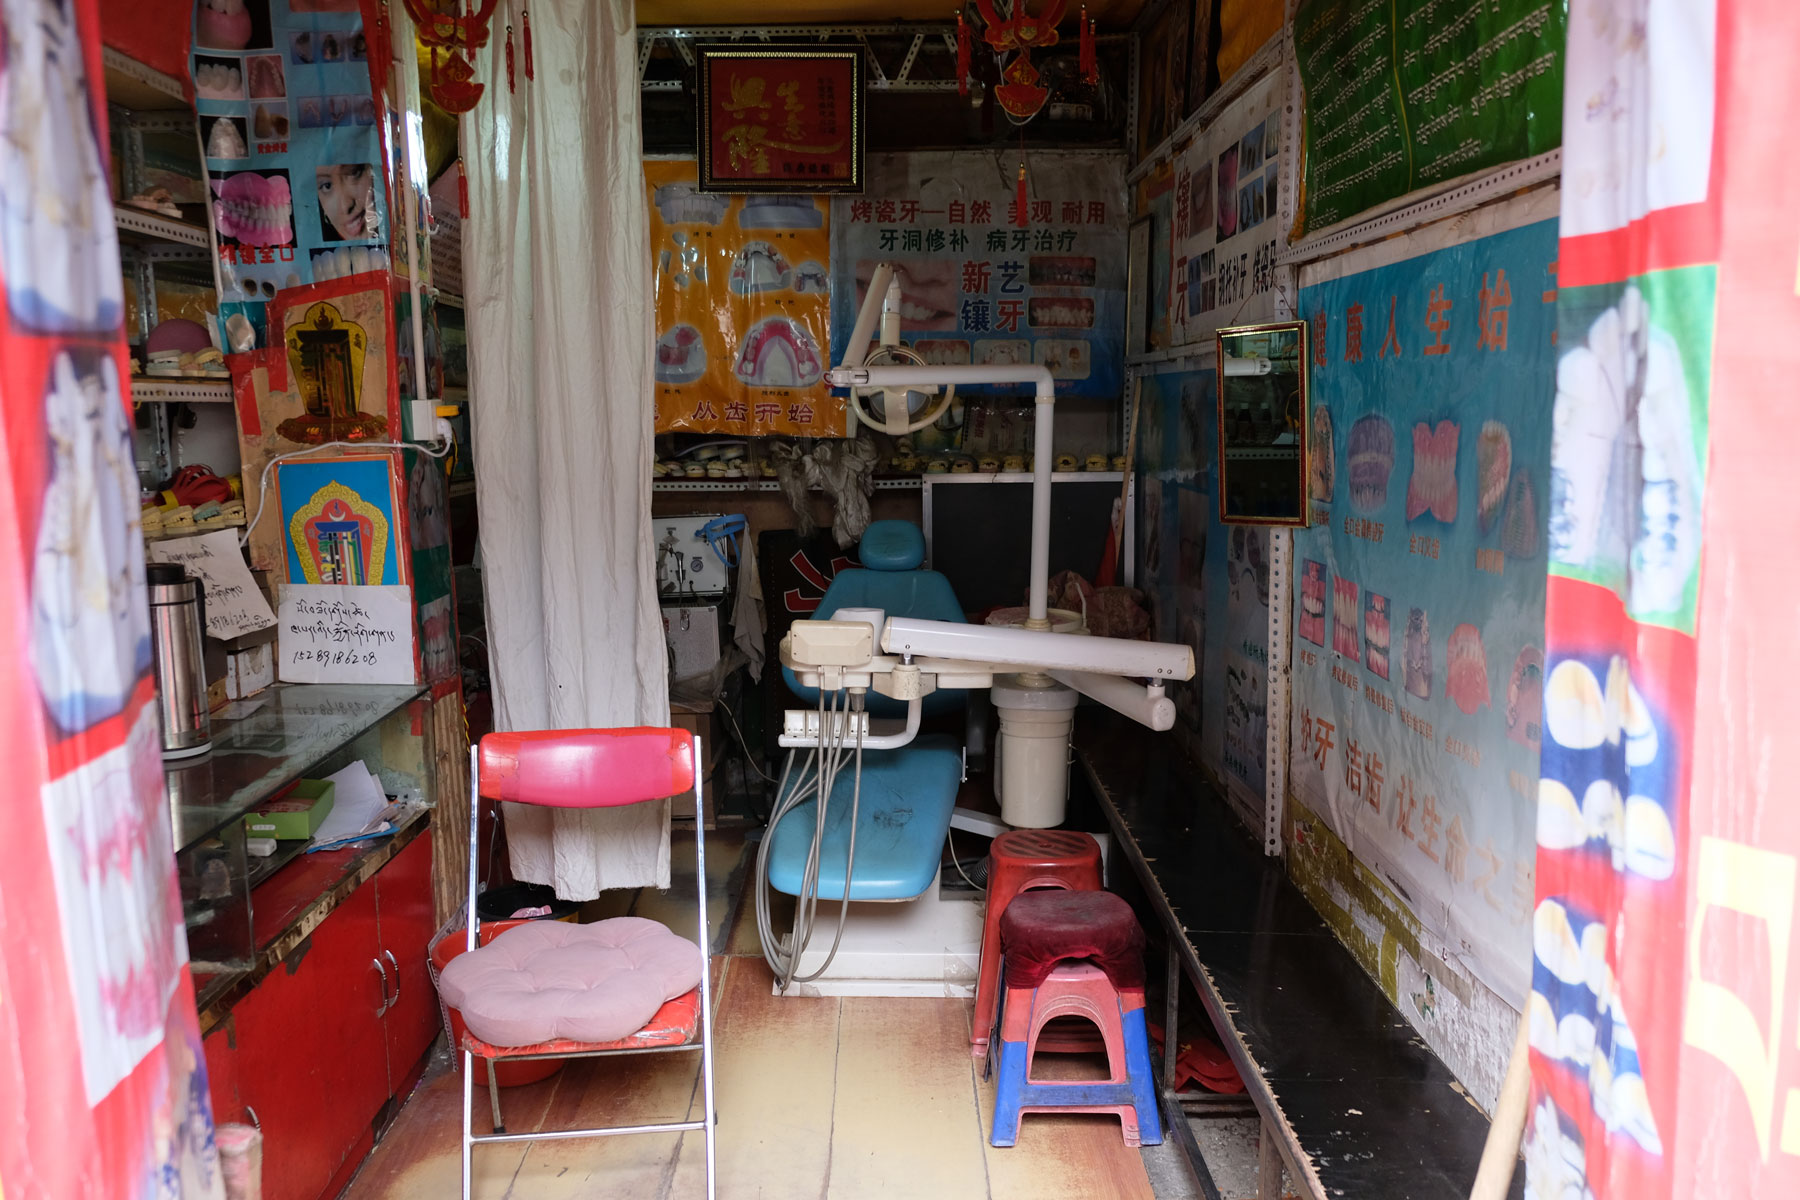 Die Praxis eines Zahnarzts in Lhasa in Tibet ist perfekt von der Straße aus einsehbar und bietet keinerlei Privatsphäre.